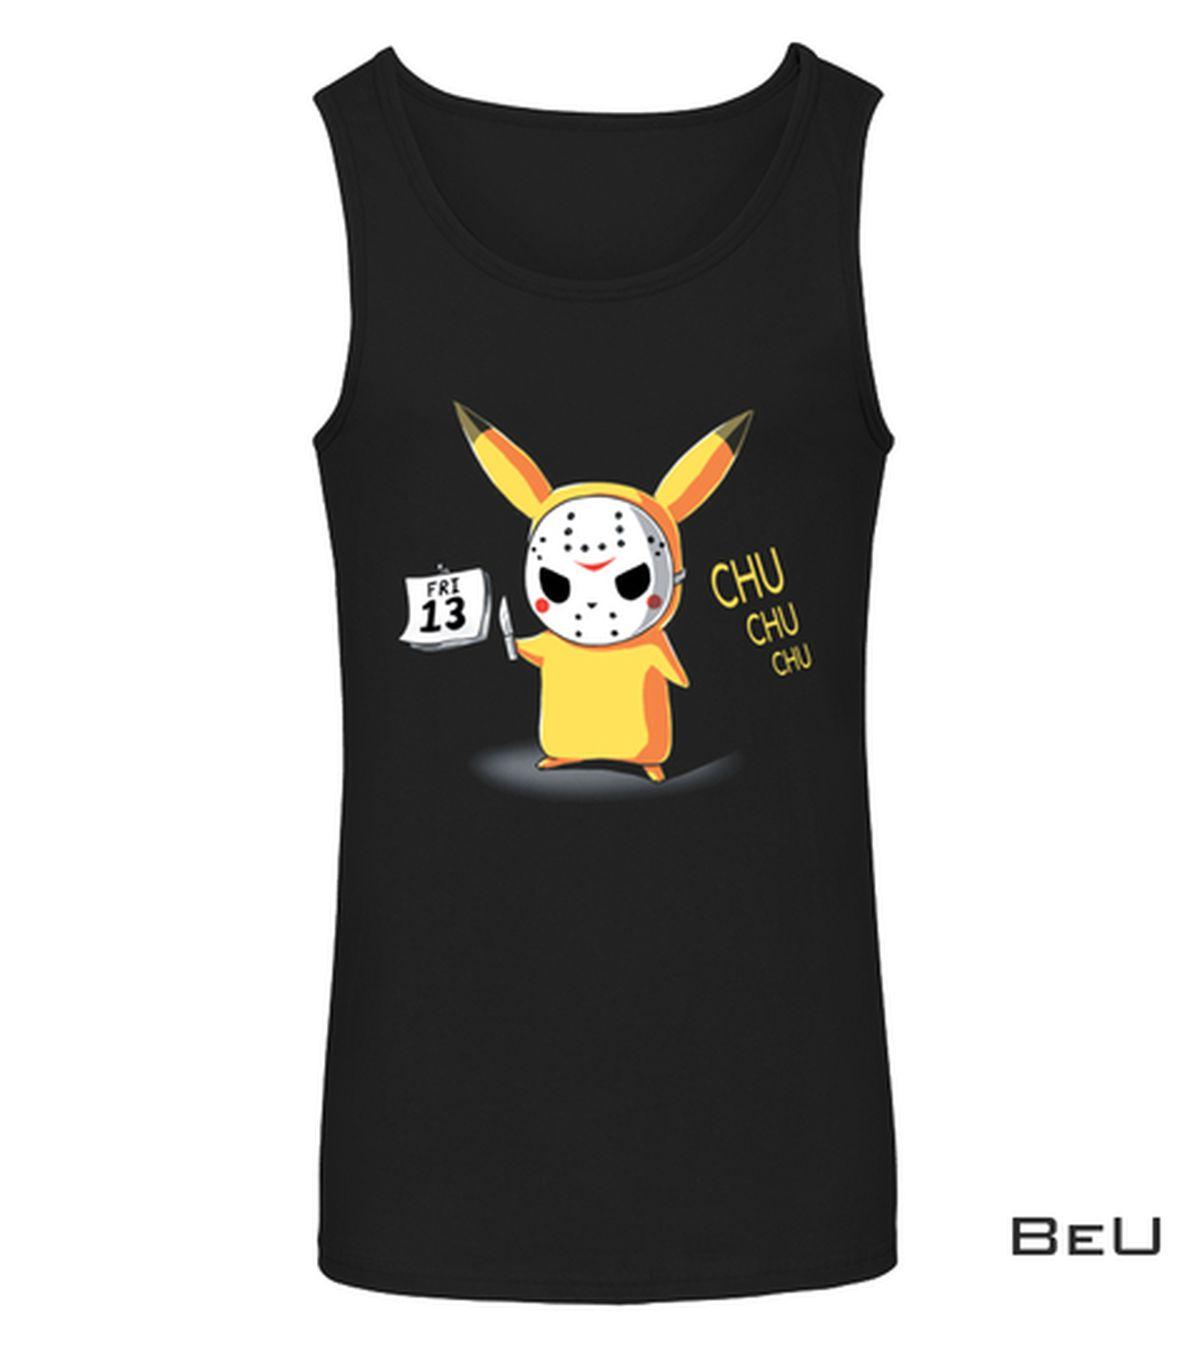 Popular Pikachu Jason Voorhees Shirt, hoodie, tank top